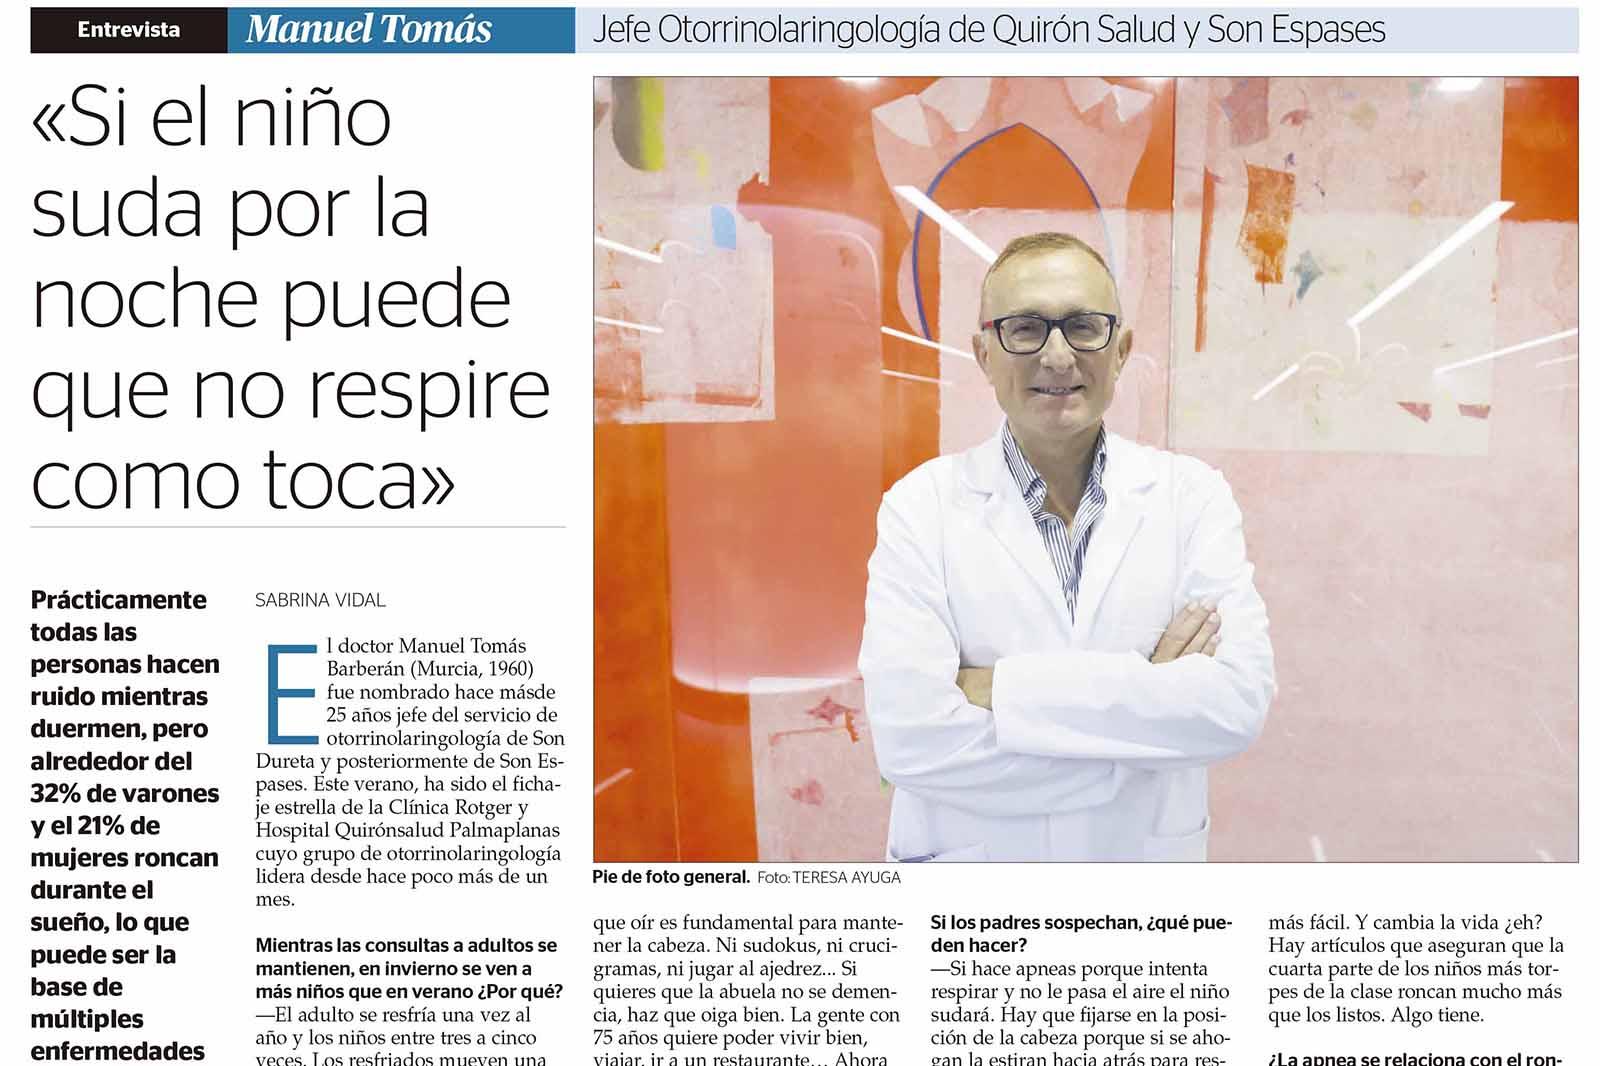 Incorporación Equipo de Otorrinolaringología de referencia – Dr. Manuel Tomás